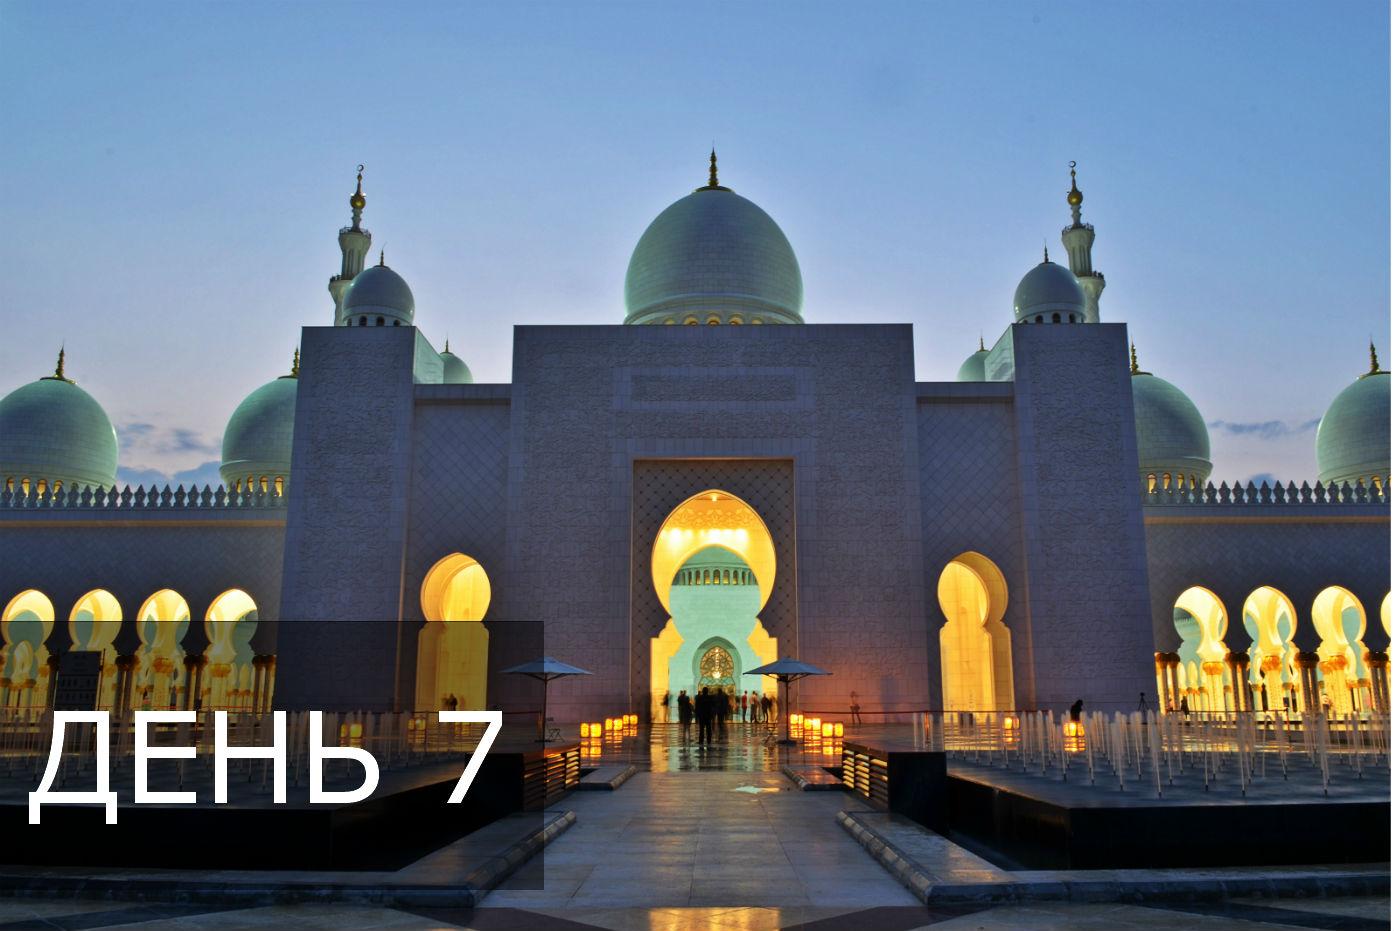 Дубаи, Абу-Даби, Мечеть Шейха Заеда, набережная Корниш